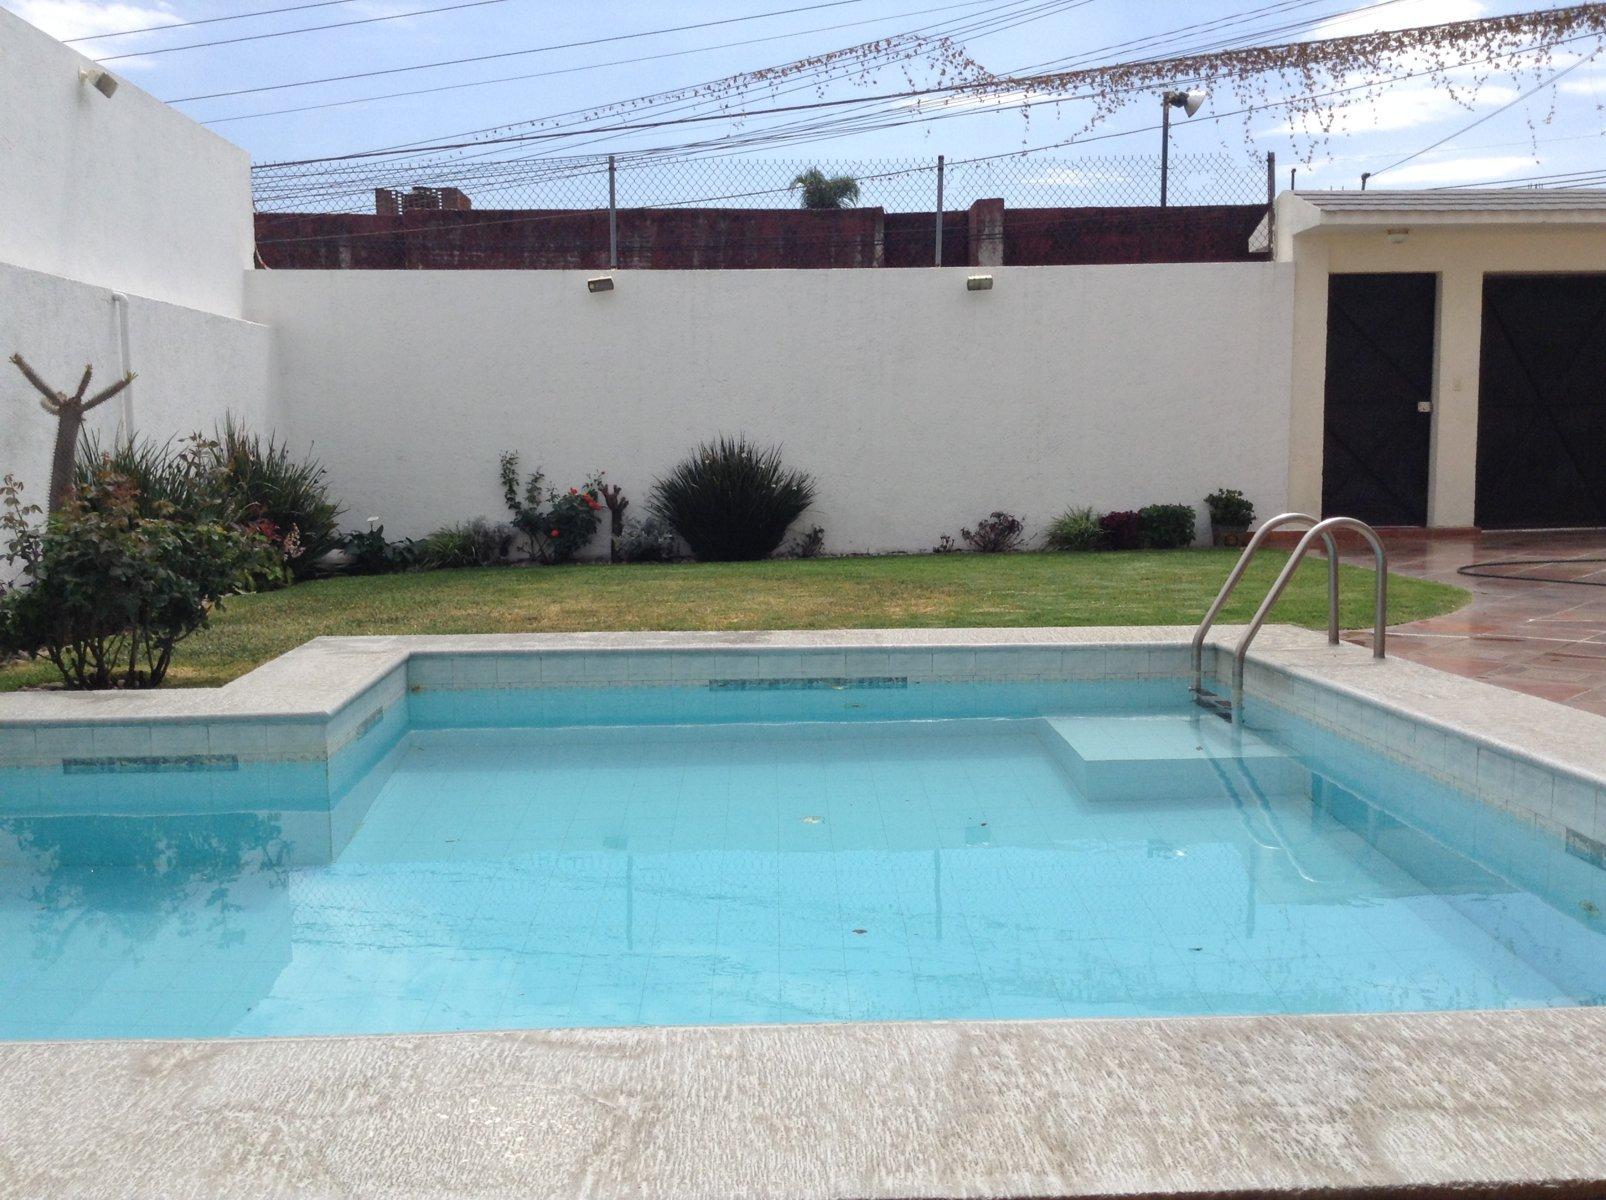 Este fin rentas casas en cuernavaca weekend cuernavaca for Busco casa para rentar